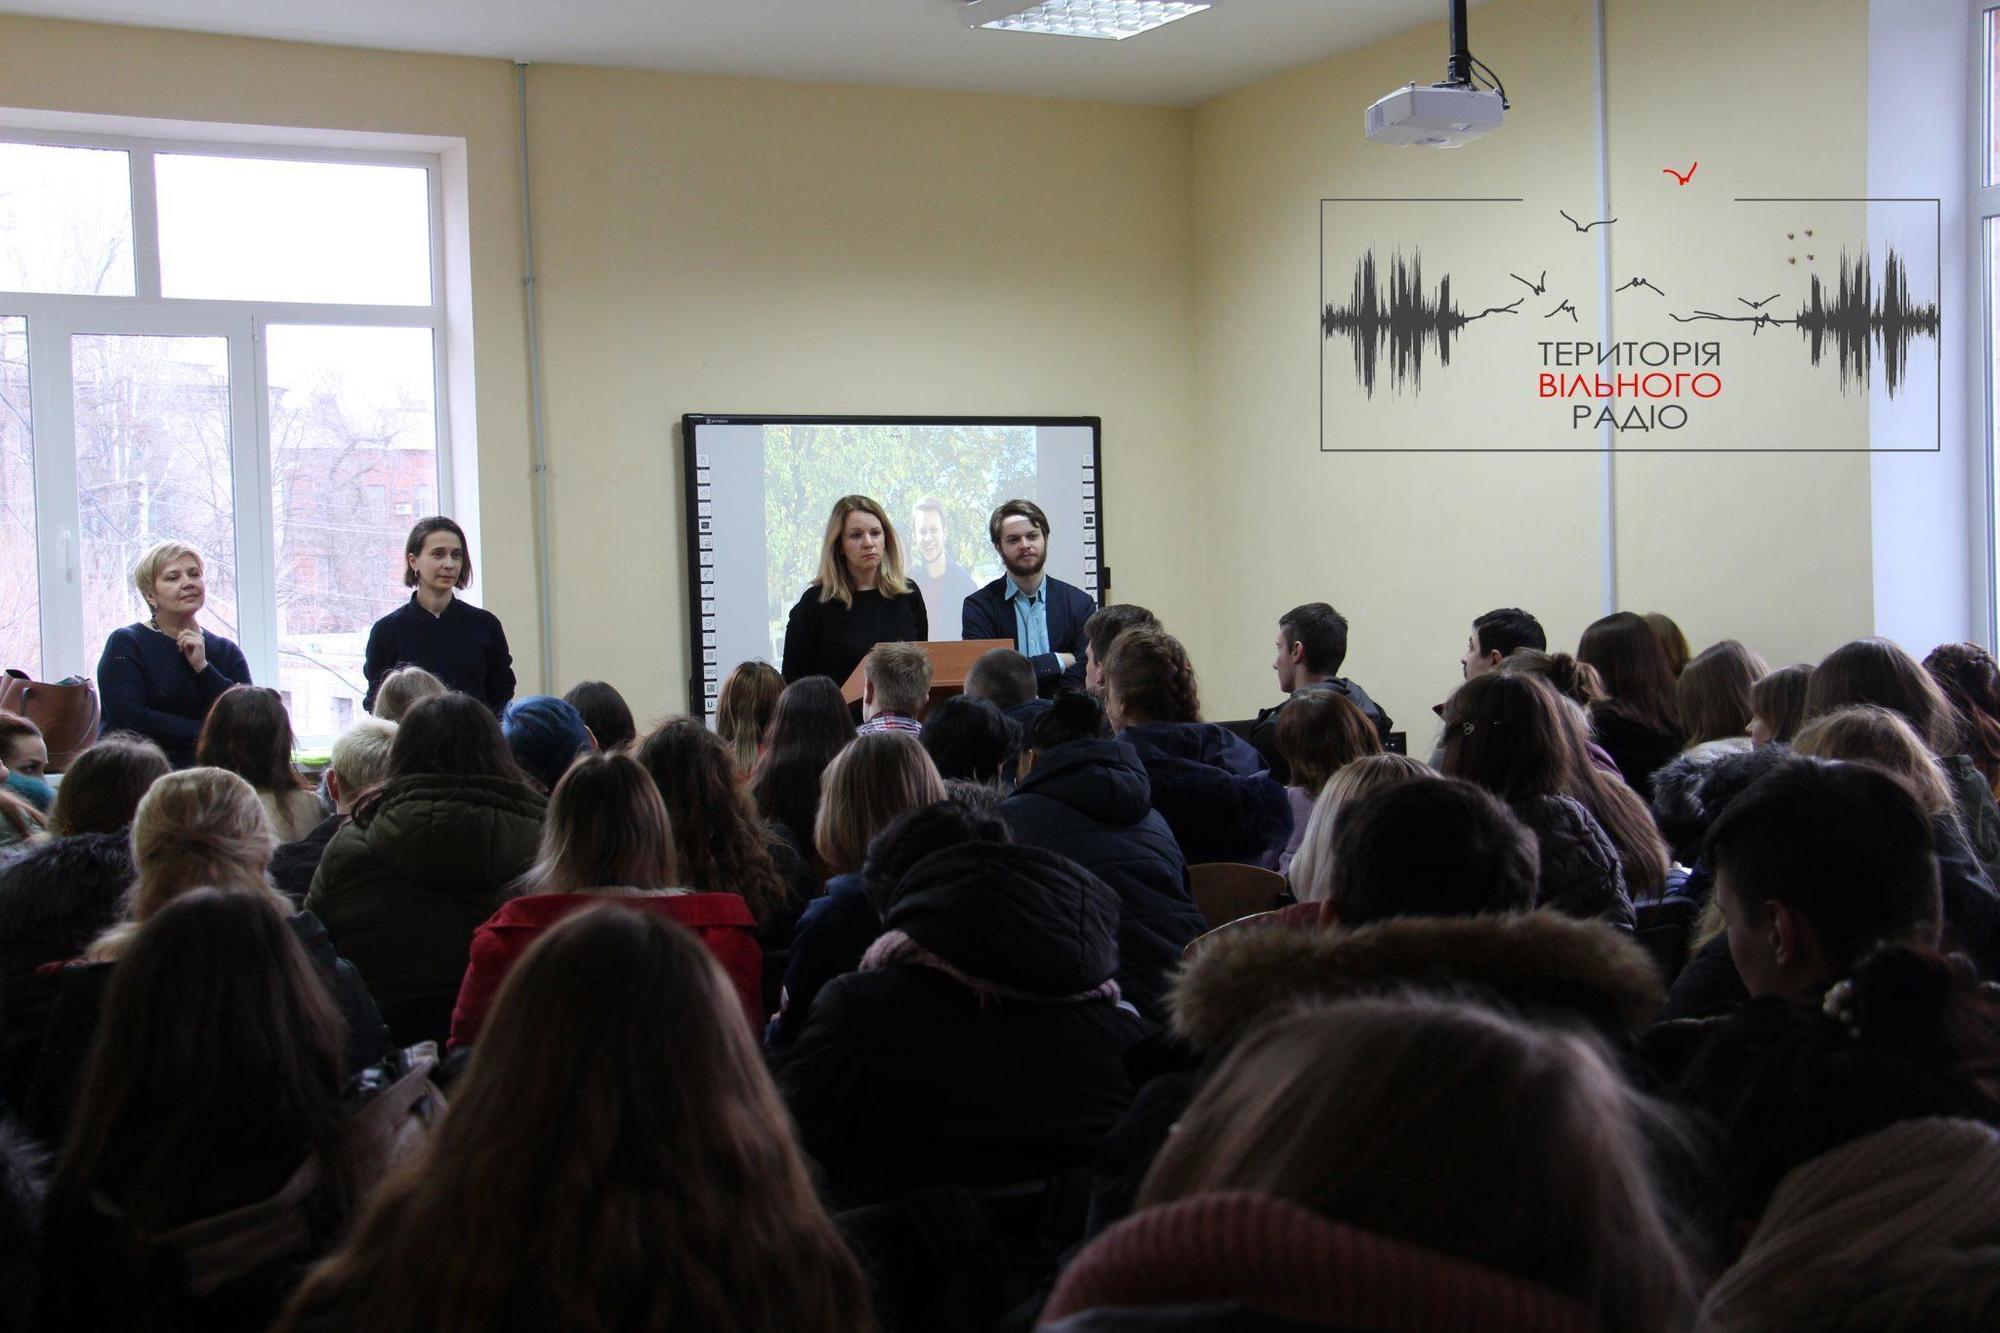 Студентам Донеччини пропонують поборотися за стипендію на навчання у США